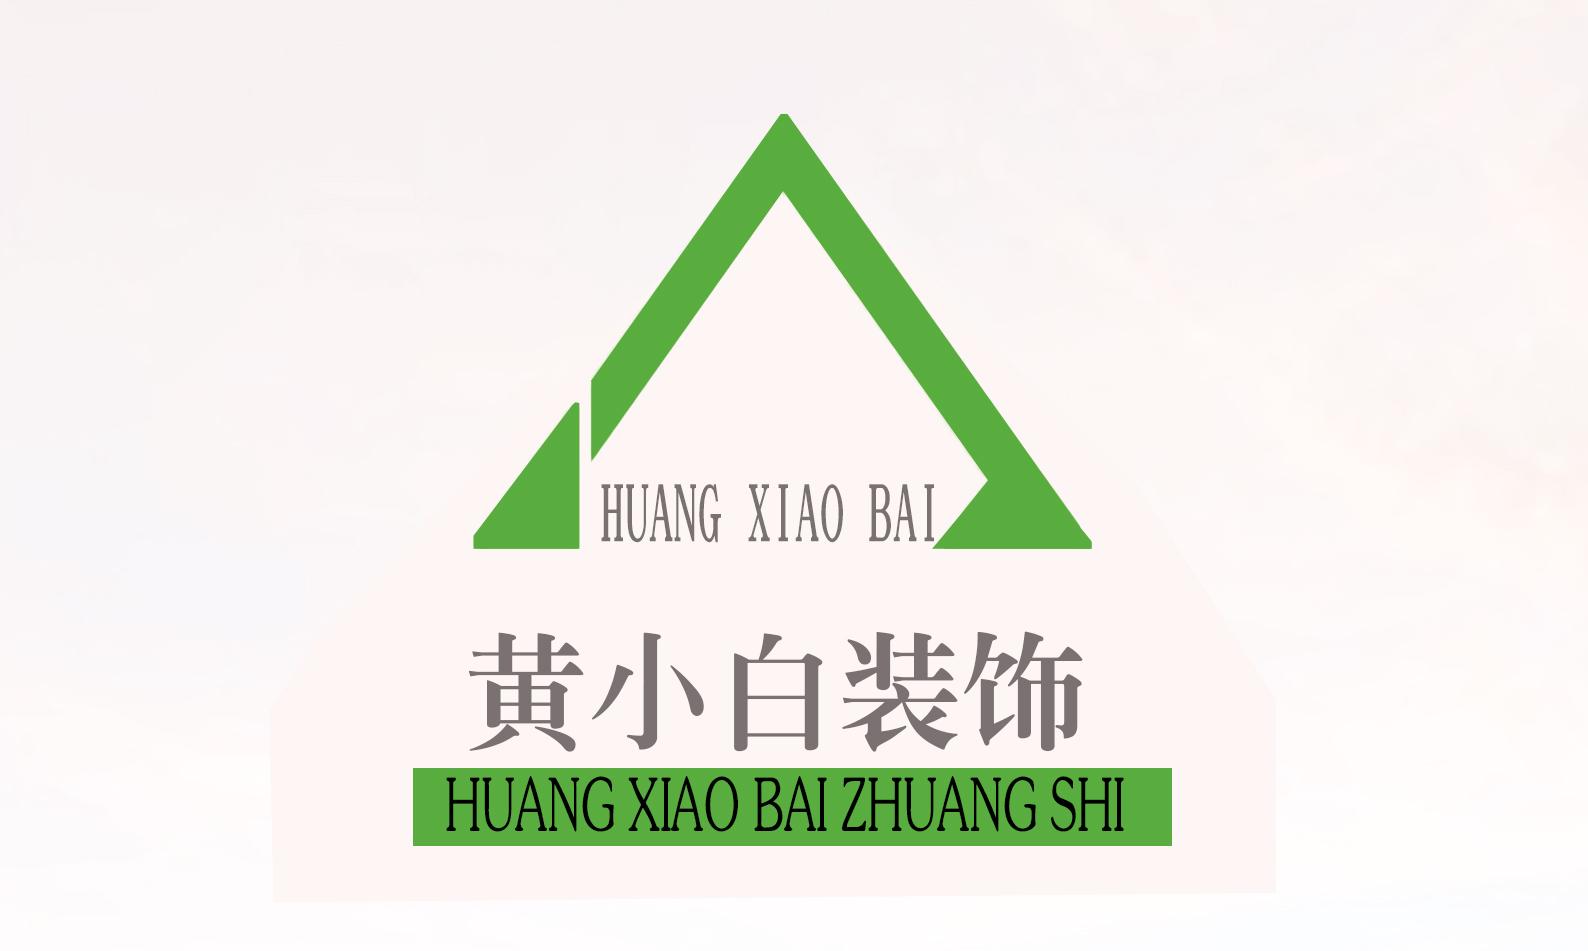 佛山市黄小白装饰设计工程有限公司logo